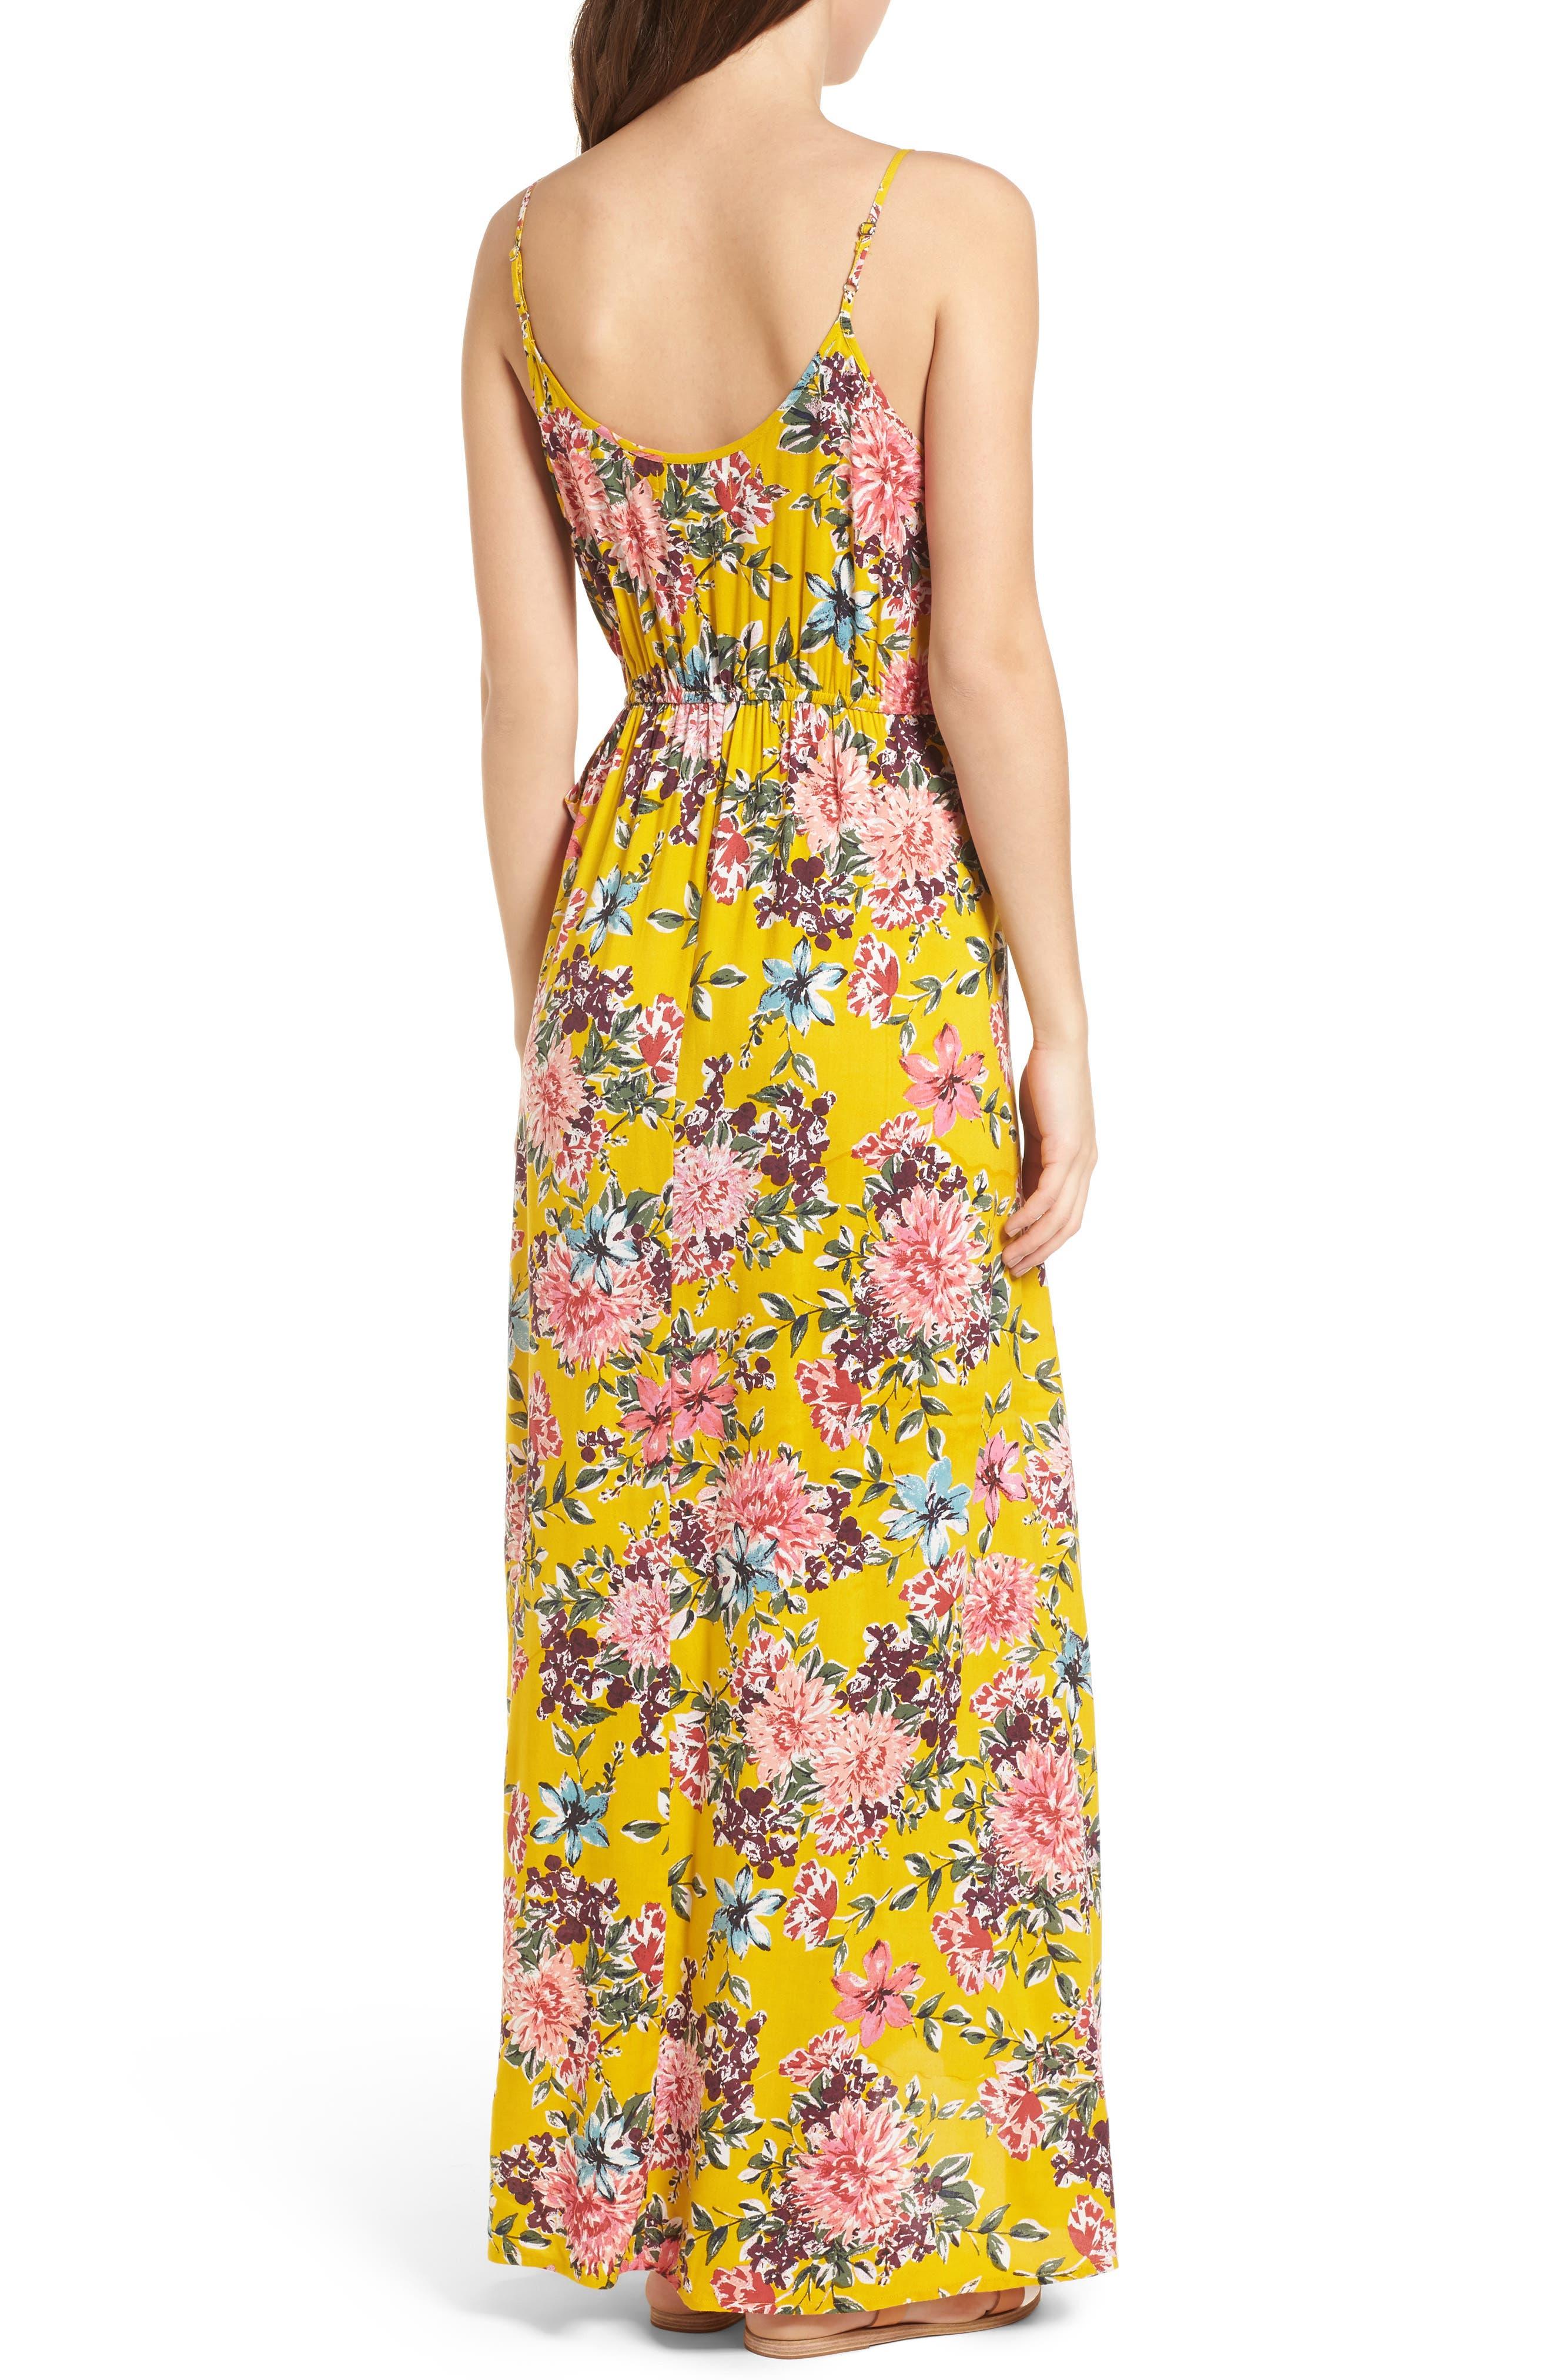 Chrysanthemum Wrap Front Dress,                             Alternate thumbnail 2, color,                             Mustard/ Pink